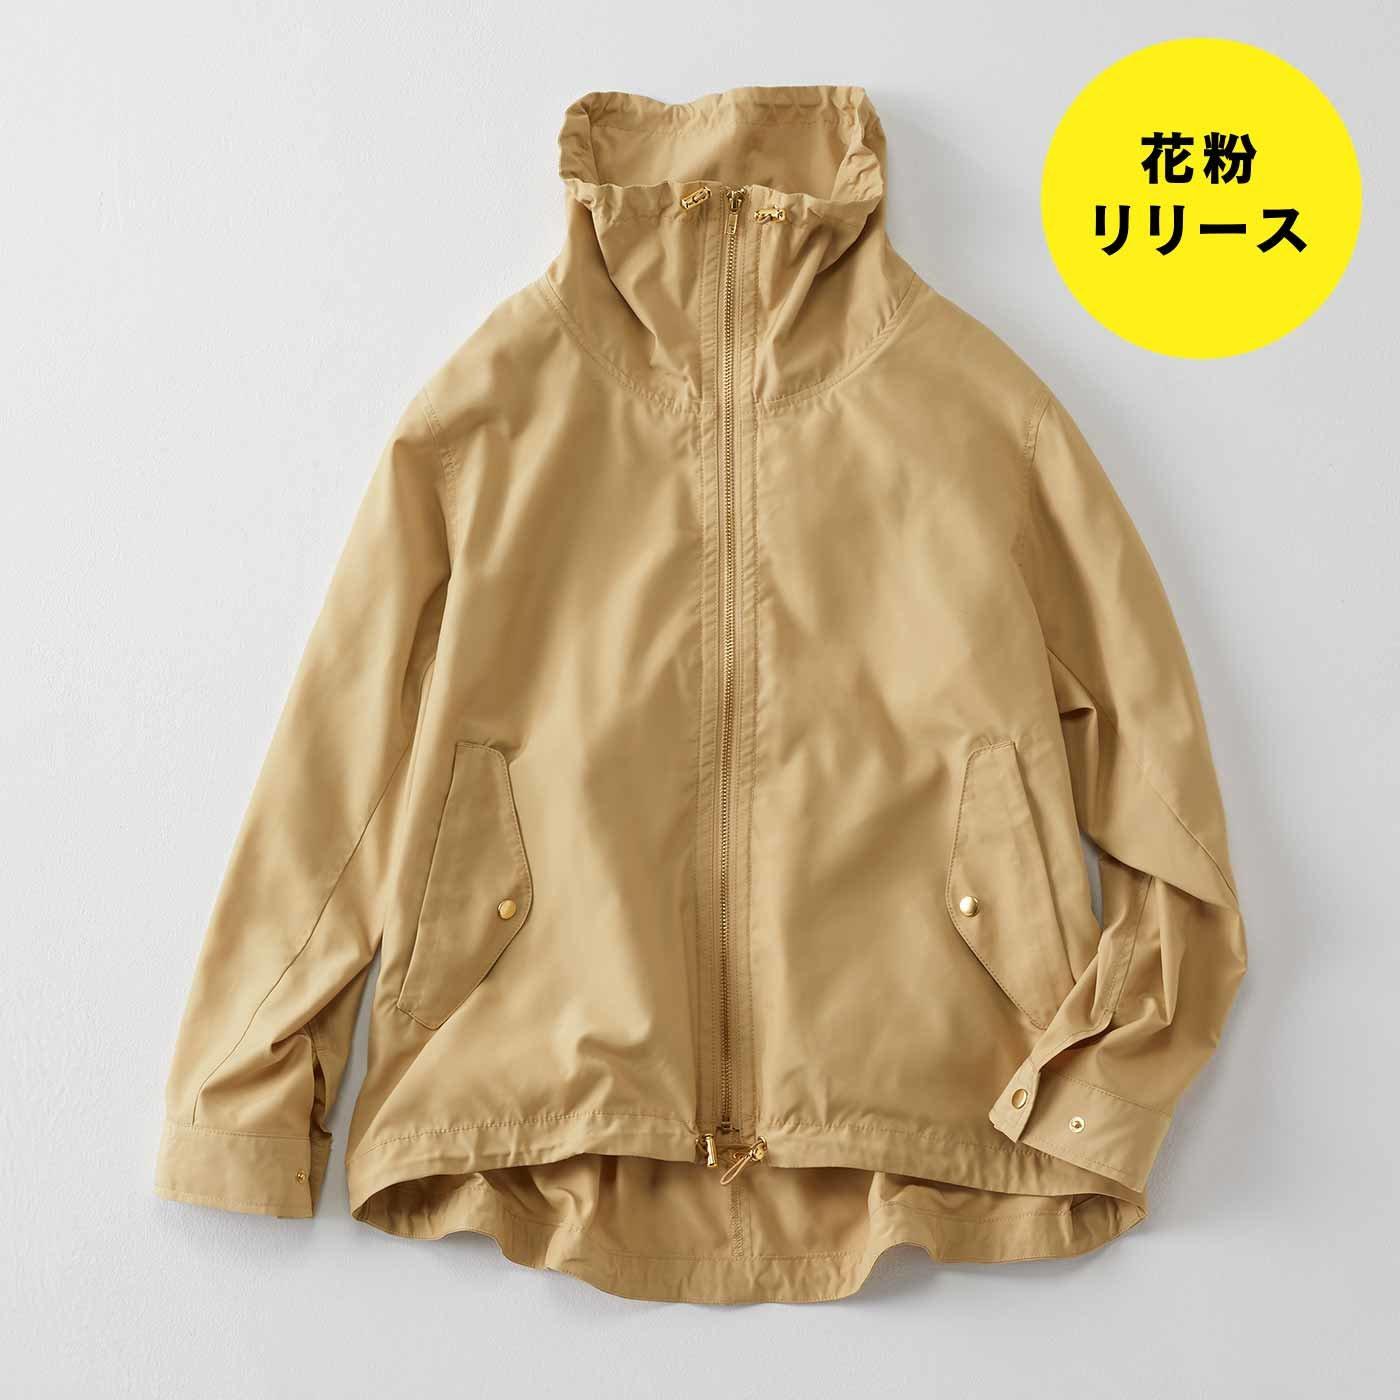 IEDIT[イディット] 小森美穂子さんコラボ 花粉がつきにくい 高密度素材のスタンドカラーブルゾン〈ベージュ〉